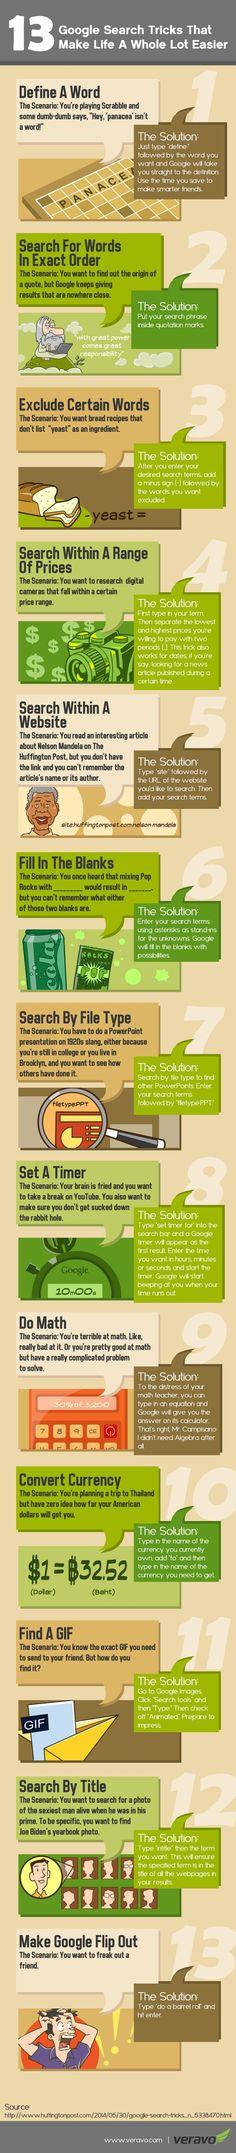 Una infografía con 13 simples trucos o tips que nos van a ayudar a que nuestras búsquedas en Google obtengan resultados más precisos.